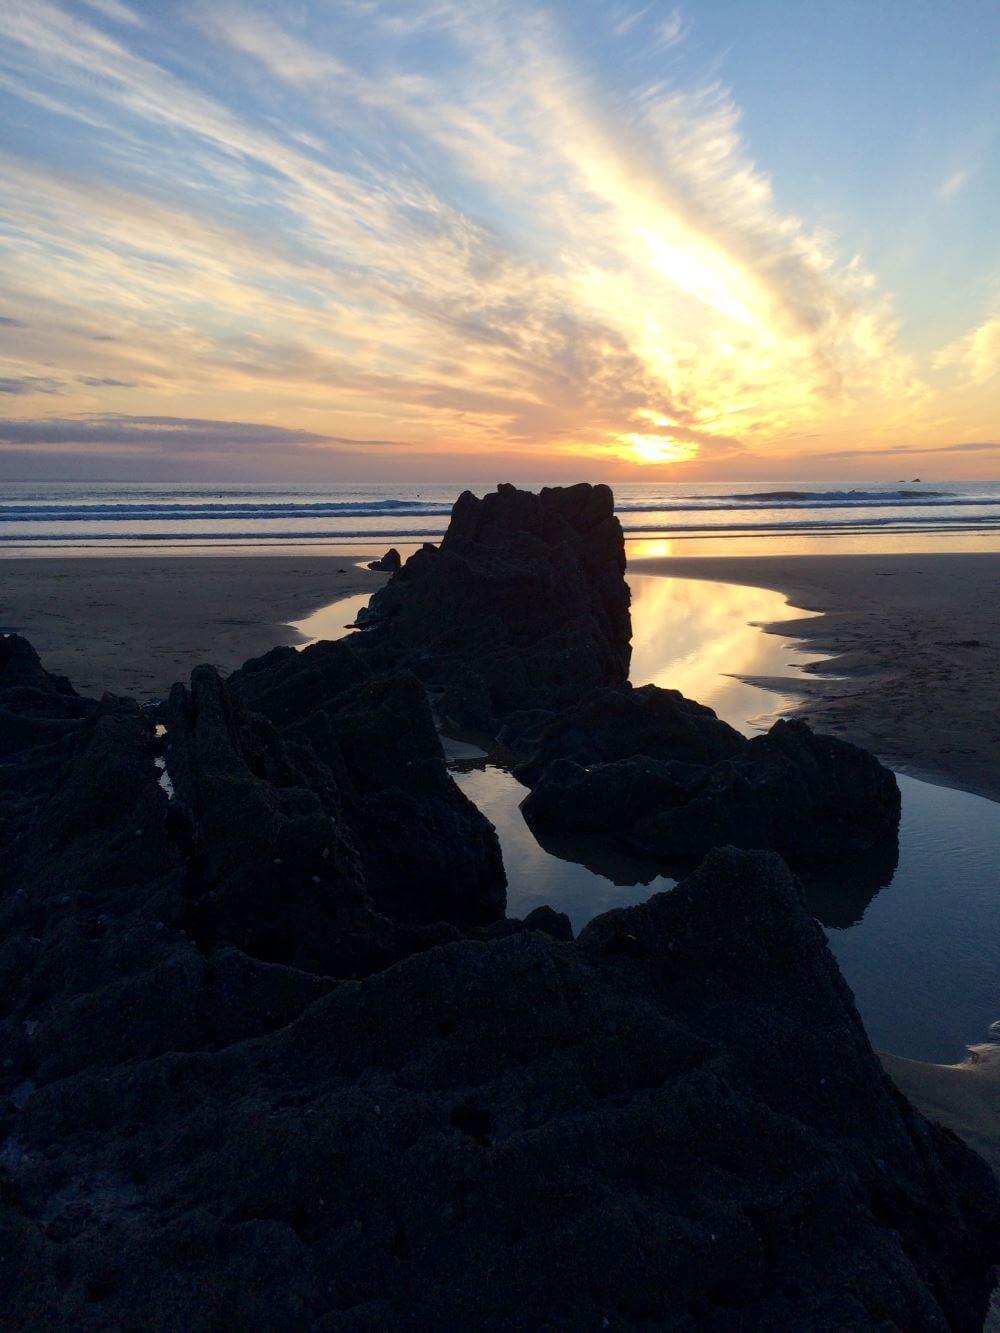 North Devon has some of the best beaches around